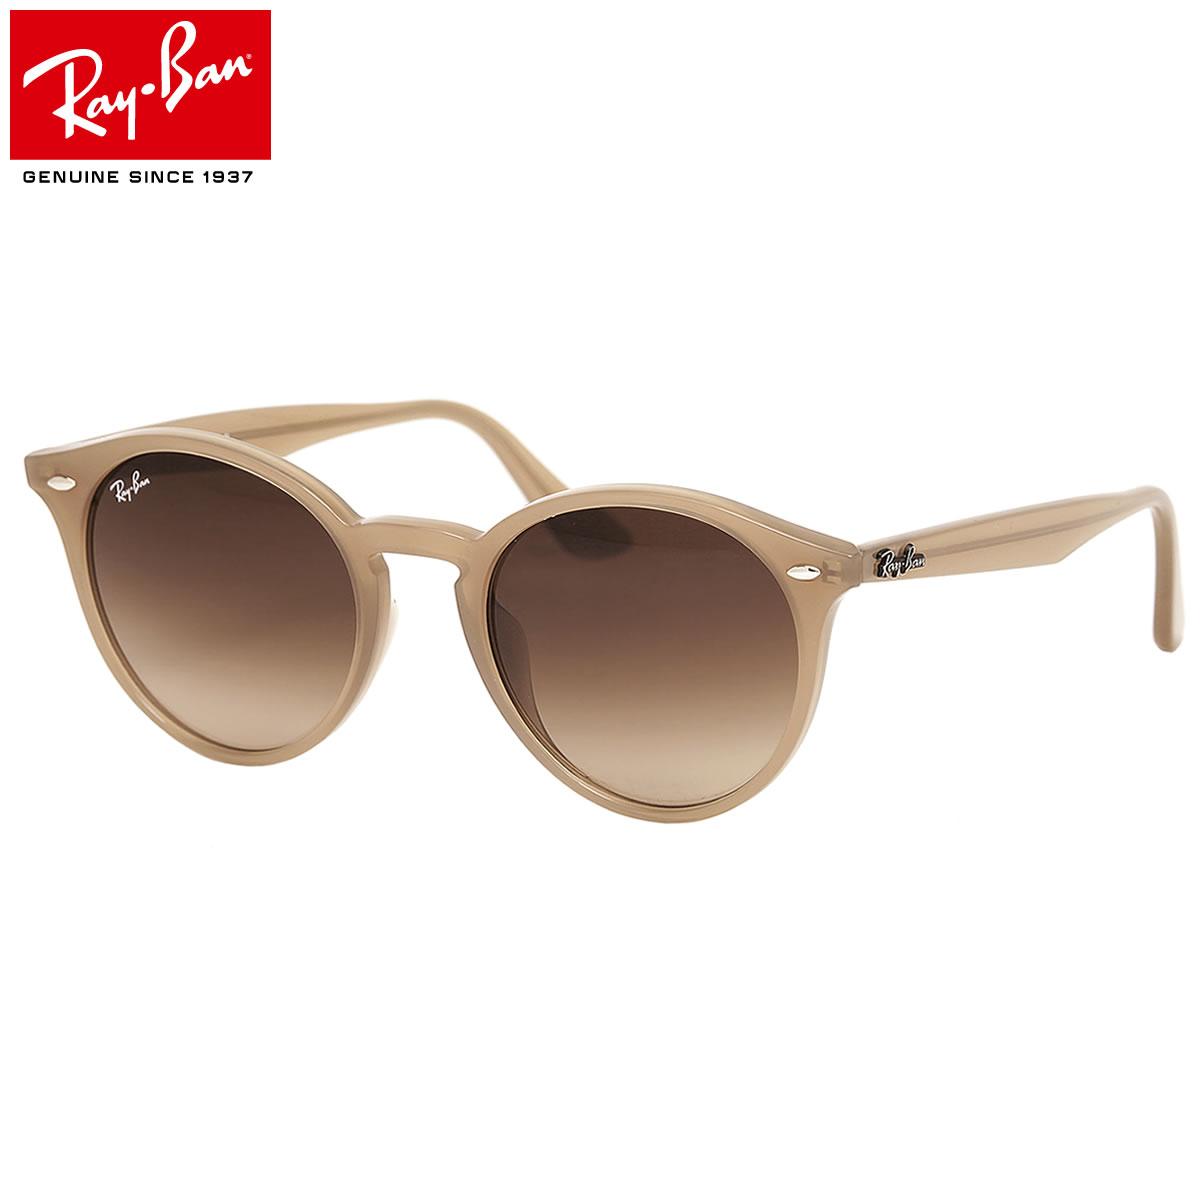 レイバン サングラス Ray-Ban RB2180F 616613 51サイズRAYBAN 6166/13 ROUND ラウンド 丸メガネ フルフィット メンズ レディース